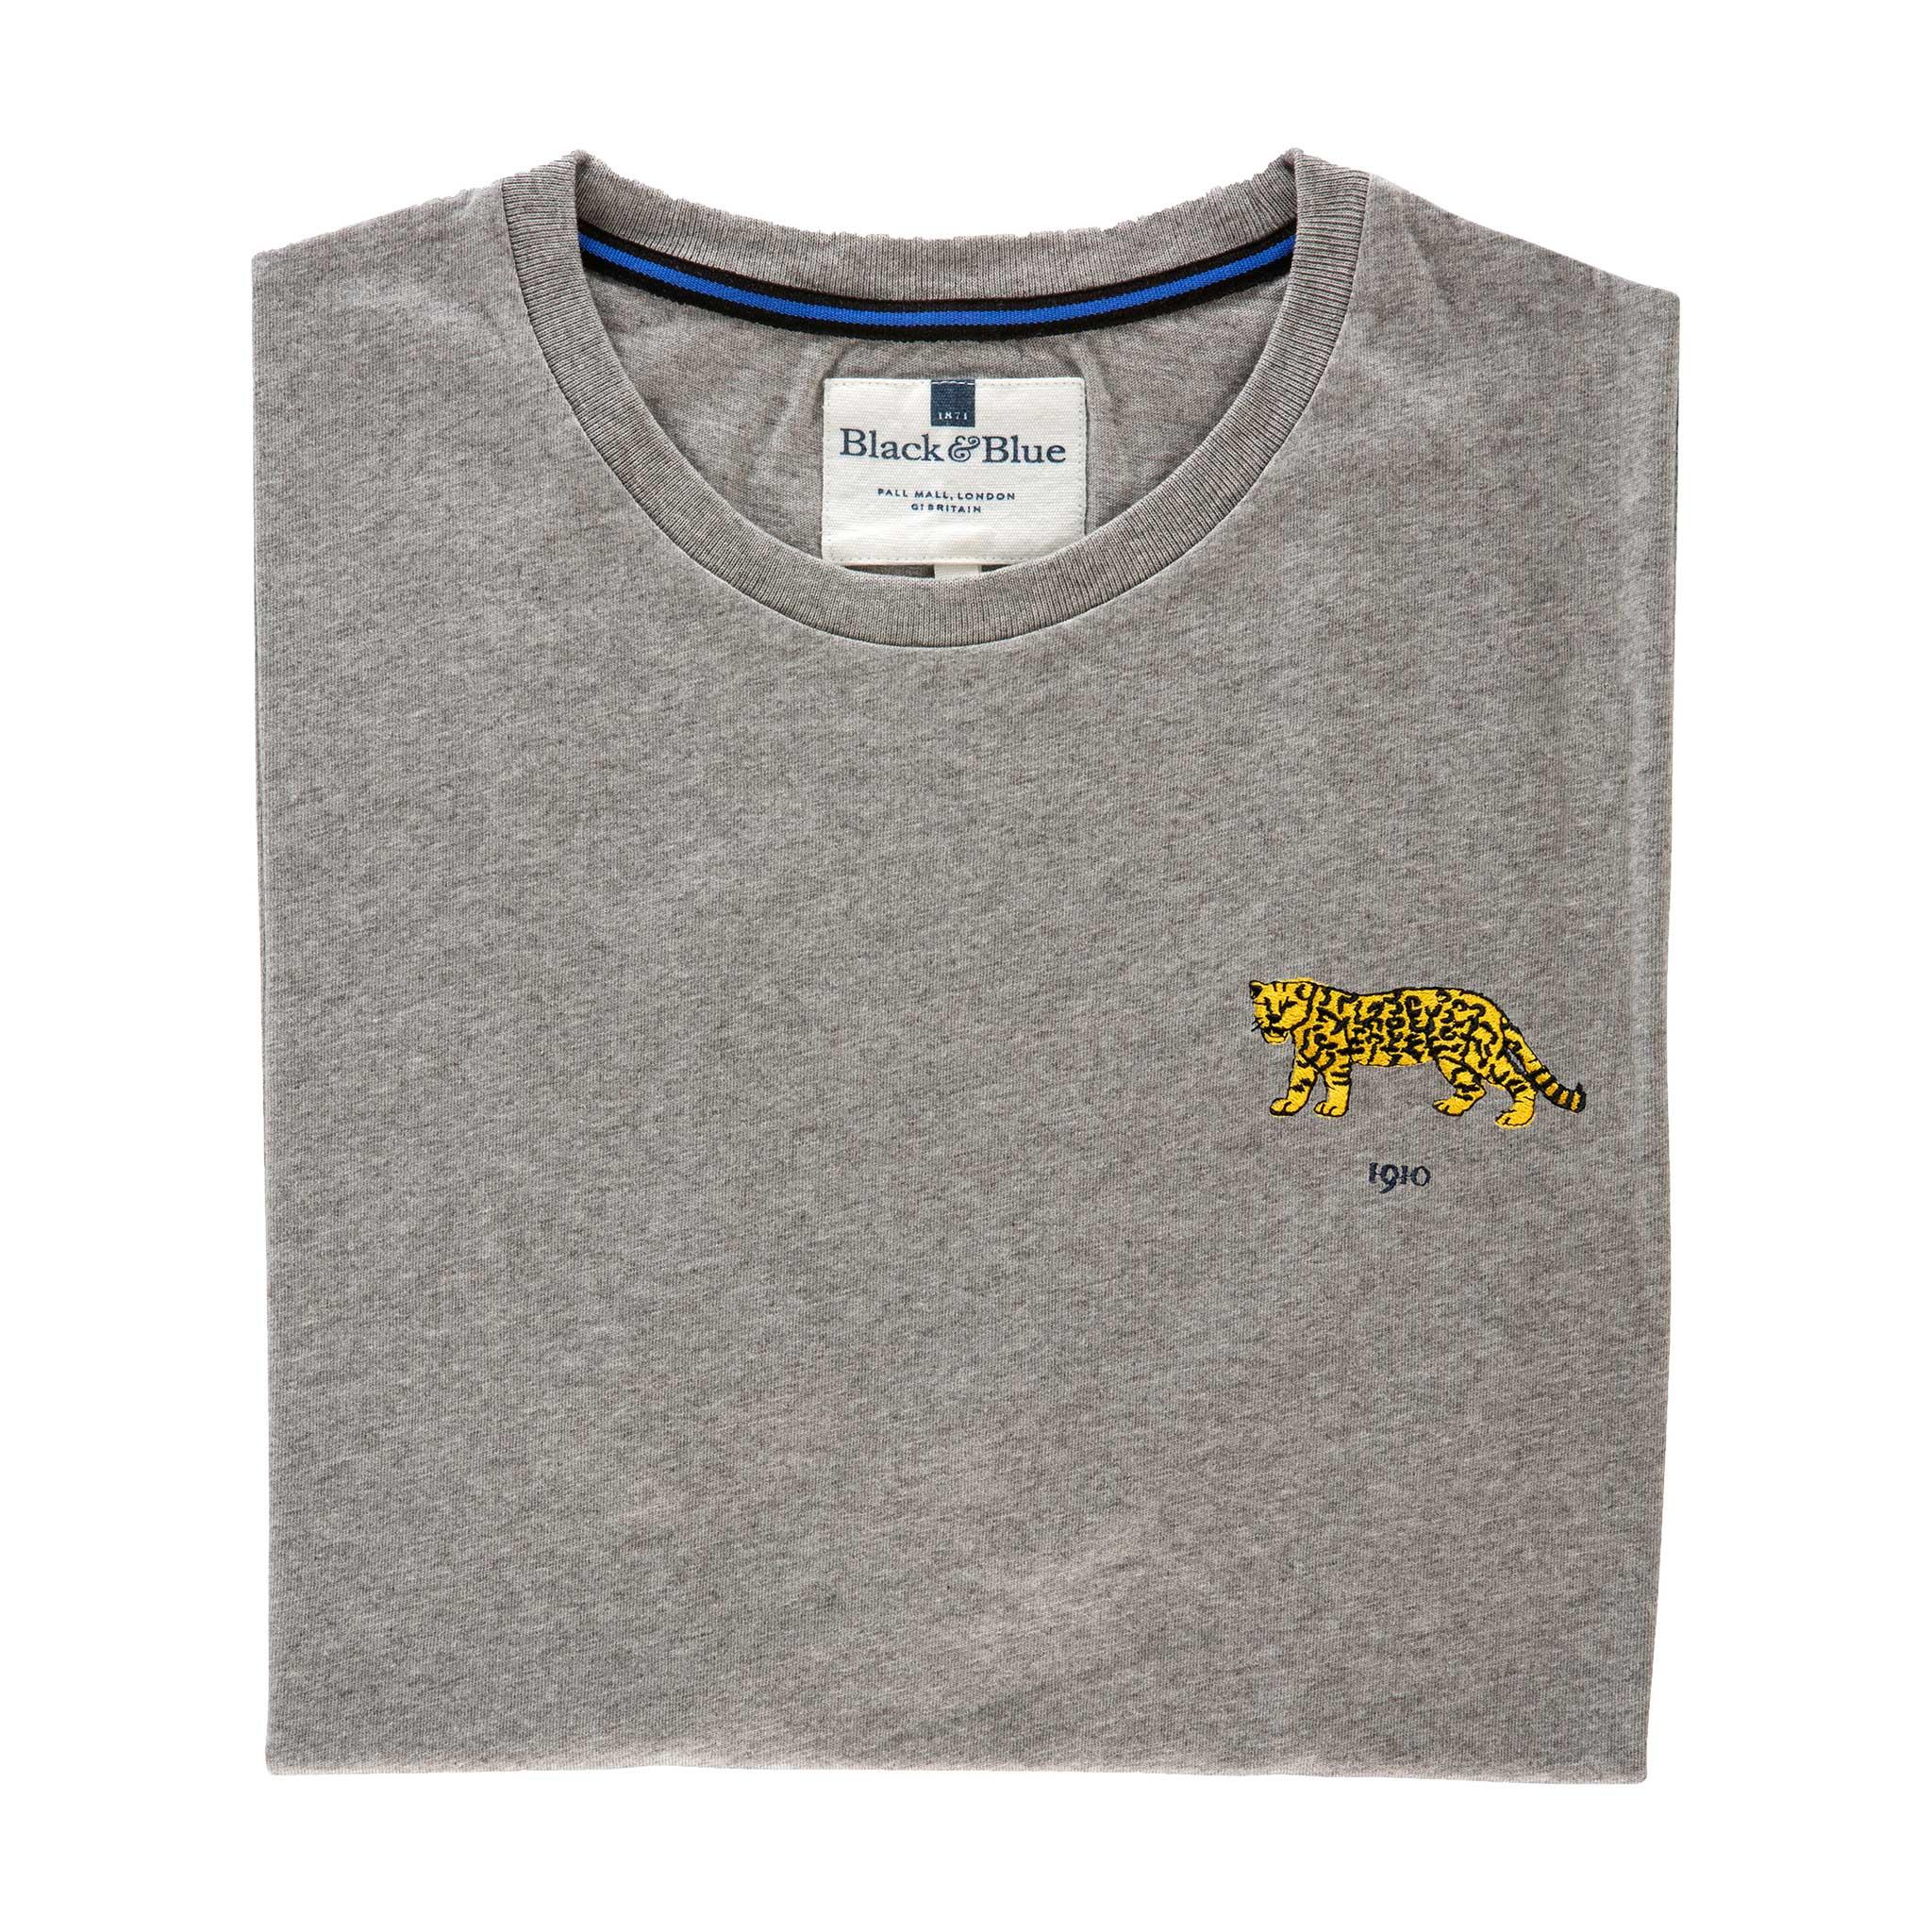 Argentina 1910 Grey T-Shirt_Folded